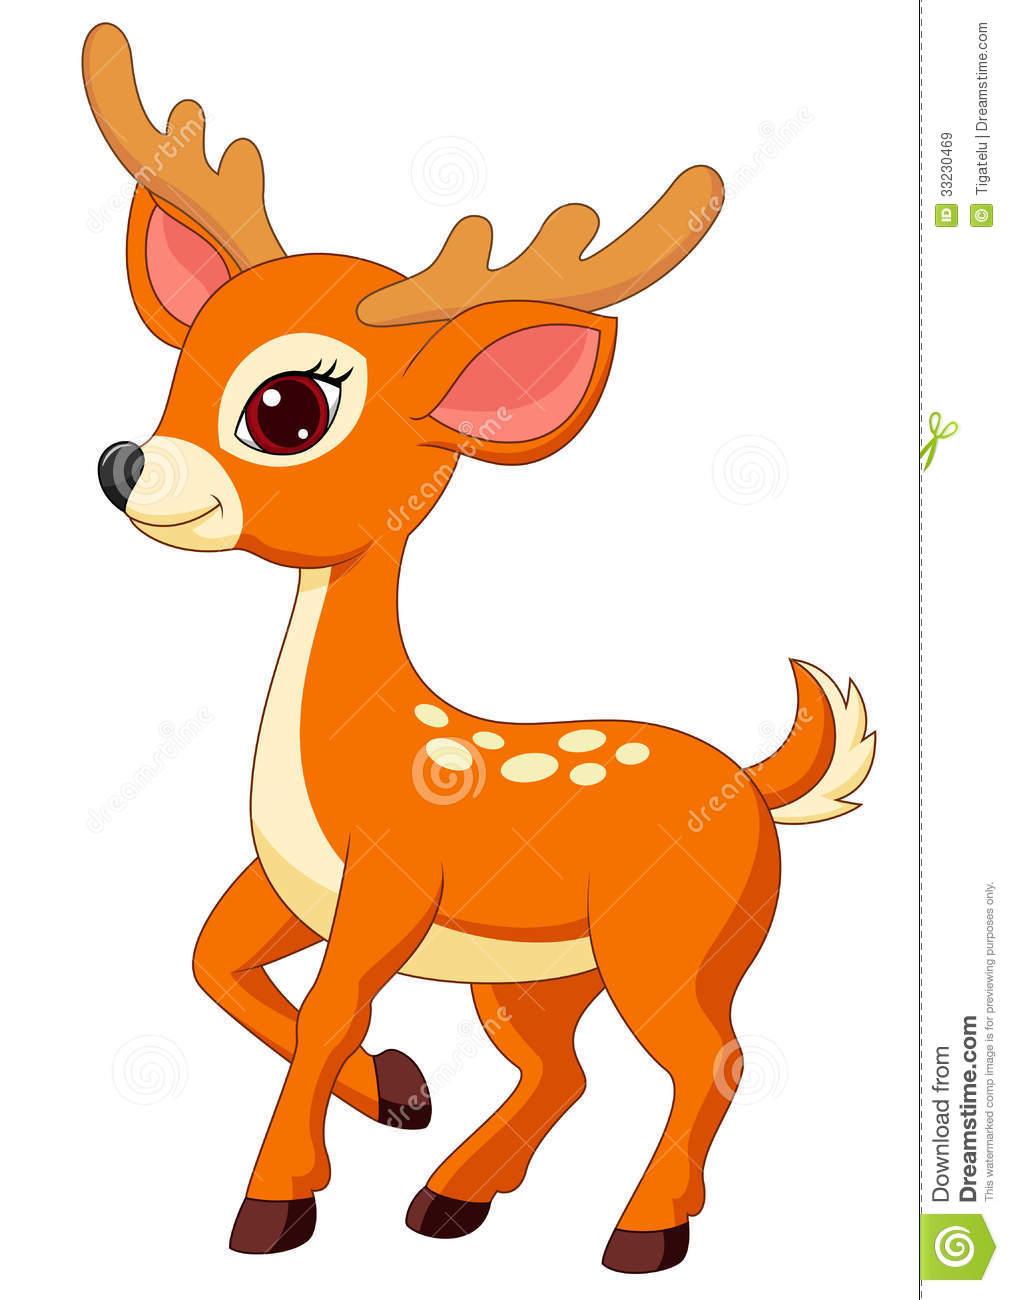 Dear clipart cute deer Top 80 14 Clipart Deer